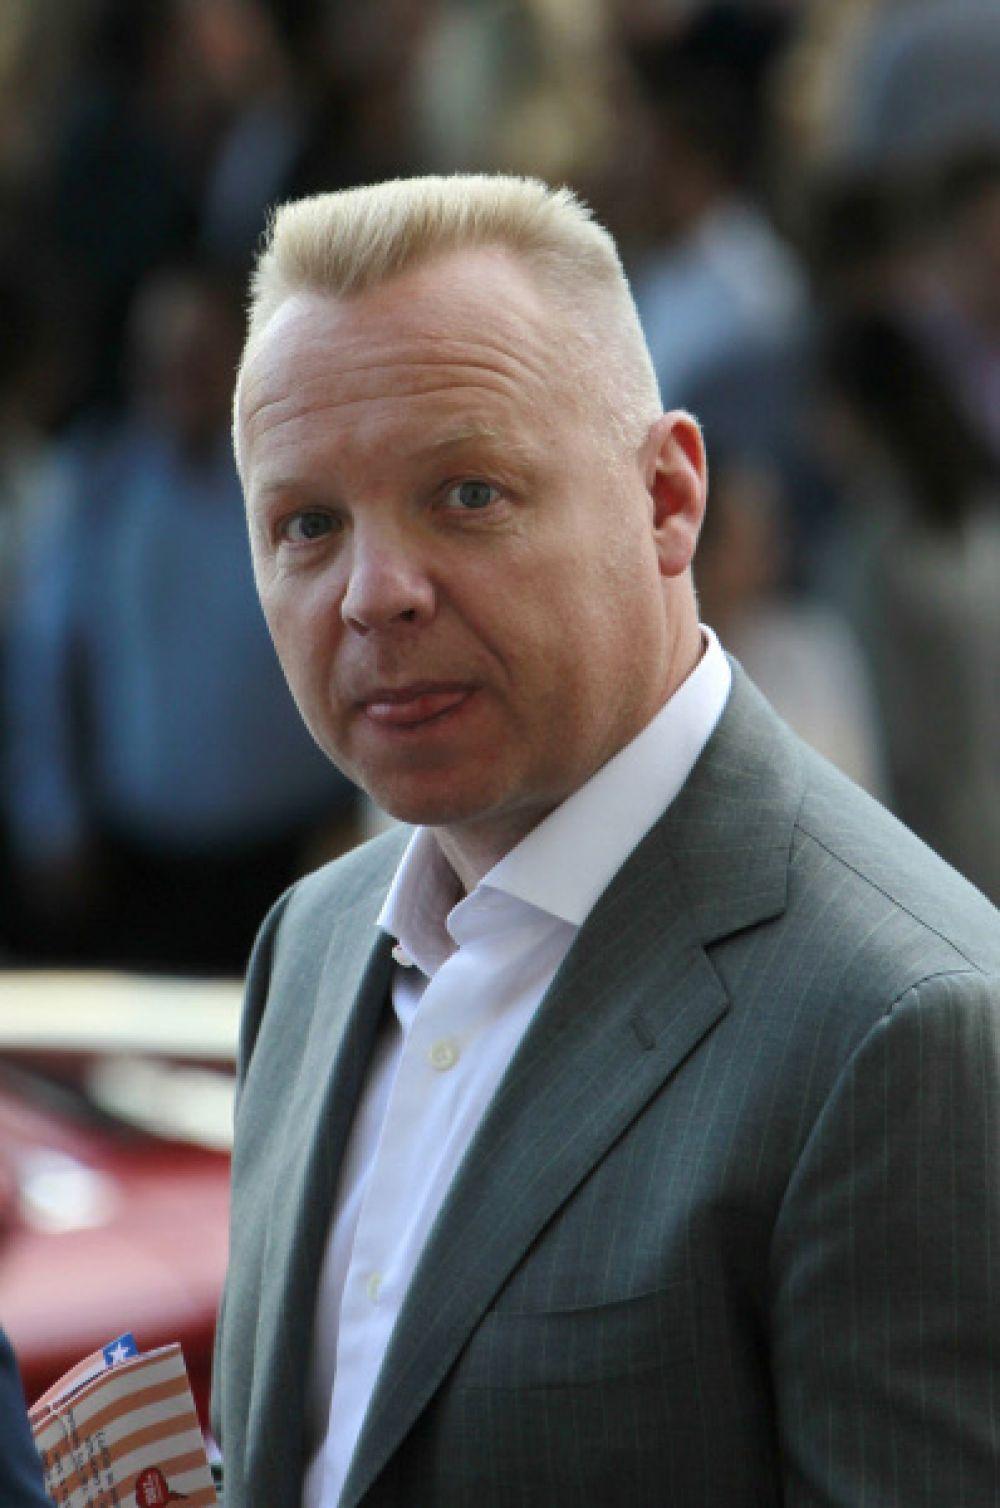 На восьмой позиции рейтинга расположился предприниматель Дмитрий Мазепин, уроженец Минска. В 2010 году Мазепин развелся с женой Еленой. Сейчас бизнесмену 46 лет, а его состояние оценивается в $1,4 млрд.